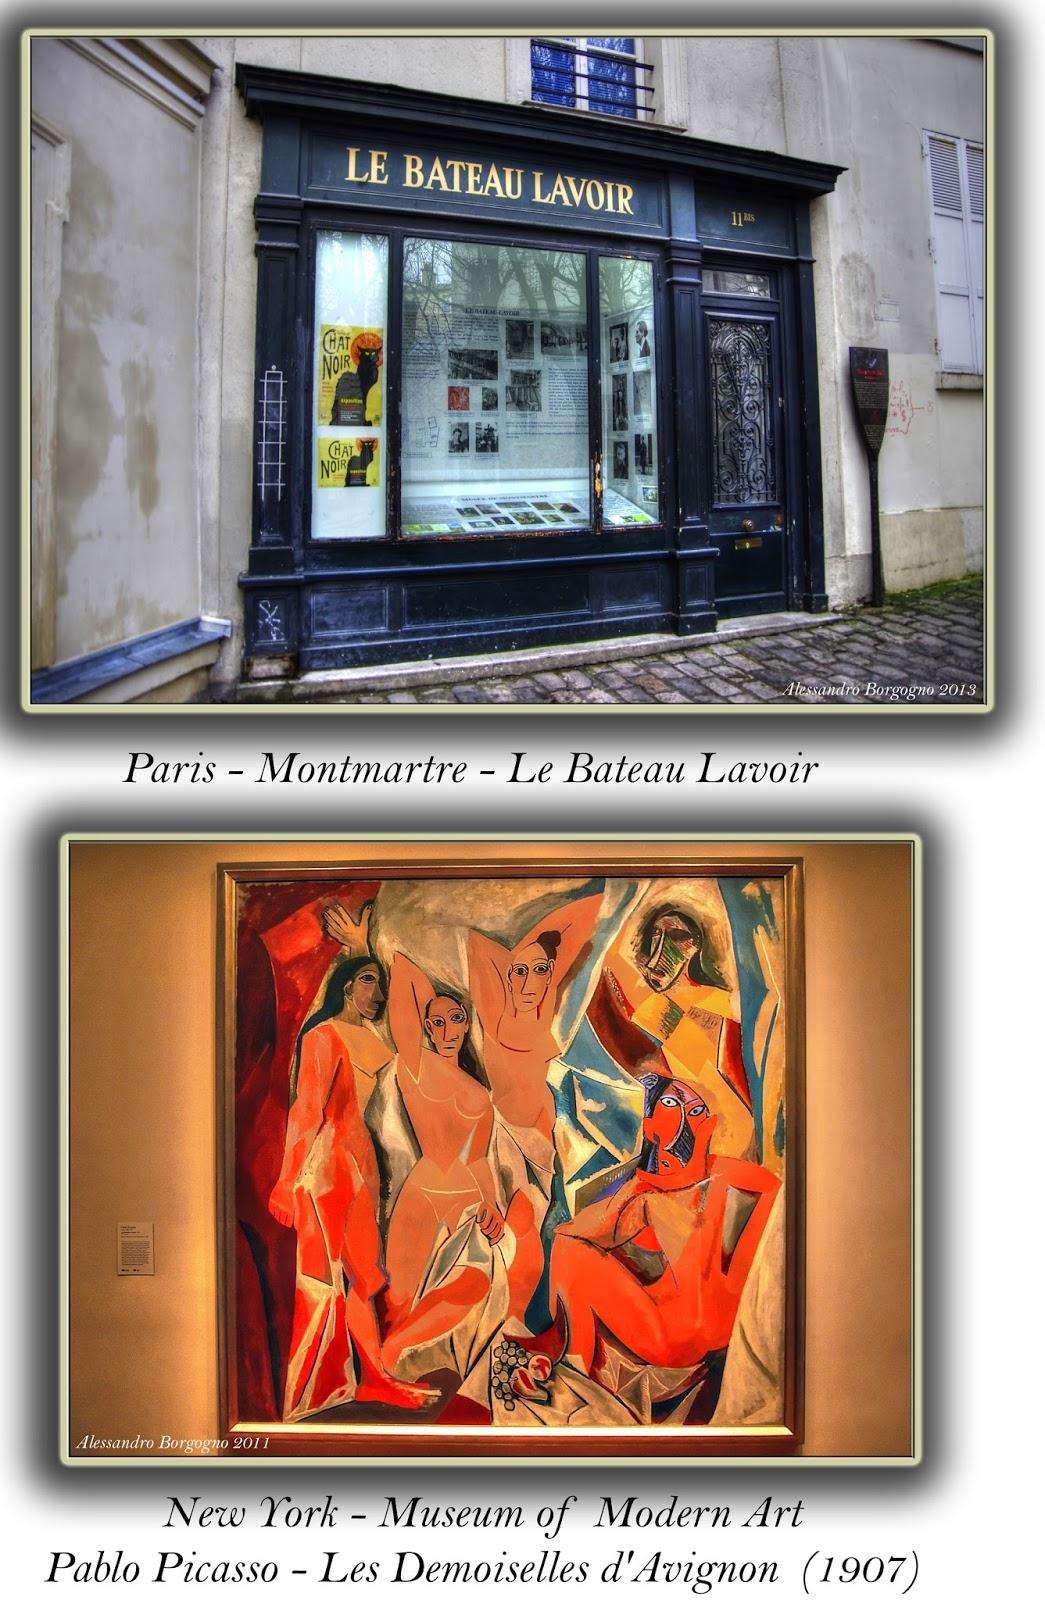 Paris - Montmartre - Le Bateau Lavoir. Picasso - Les Demoiselle d'Avignon